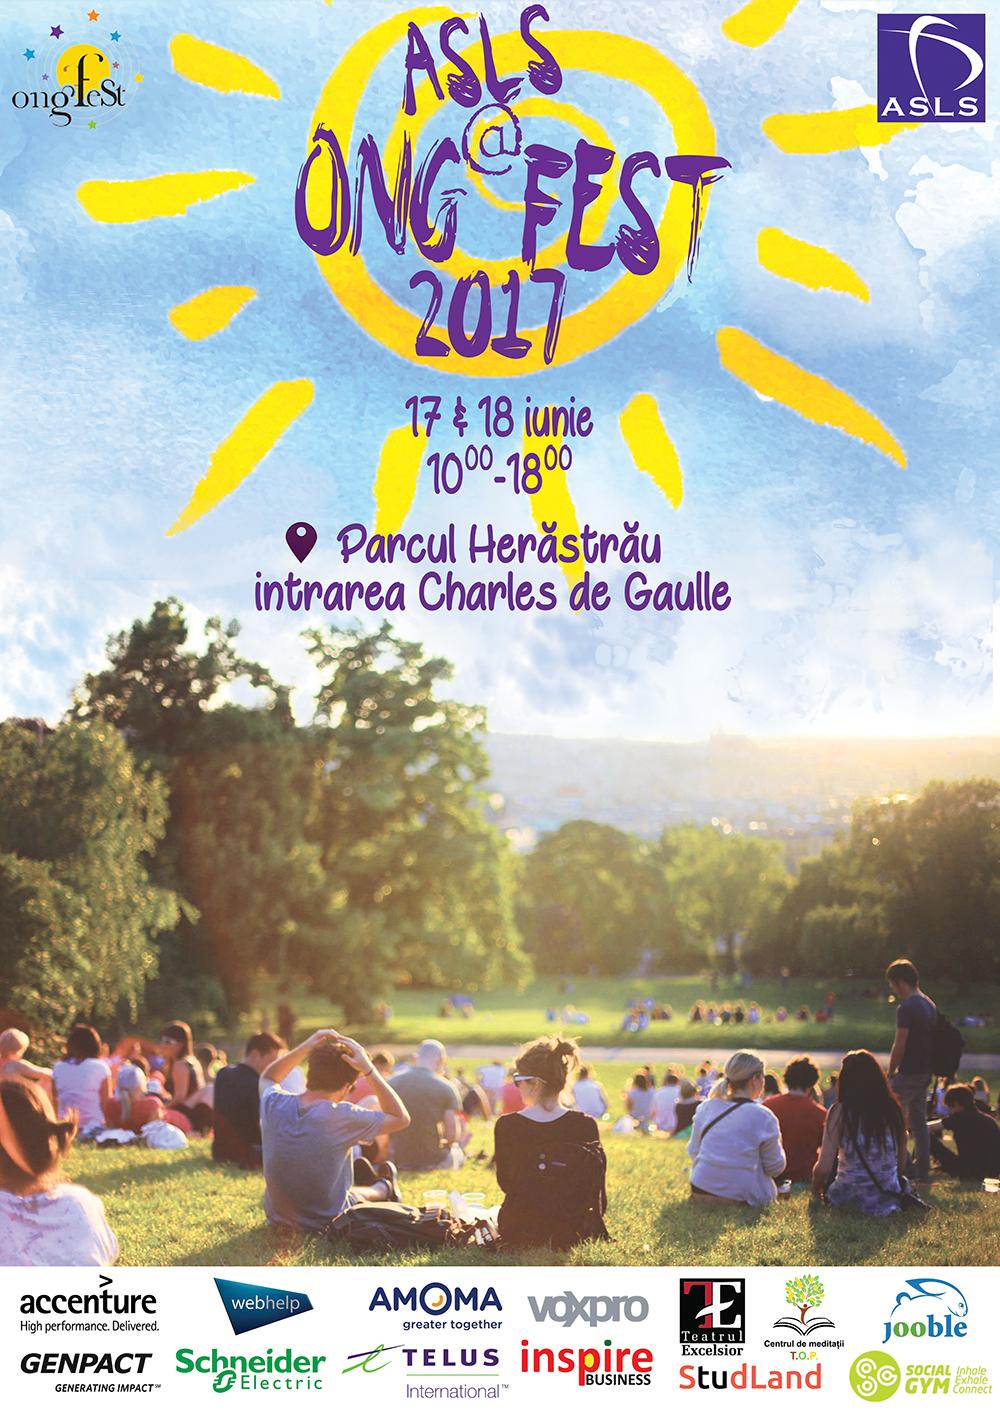 ASLS la ONG Fest 2017